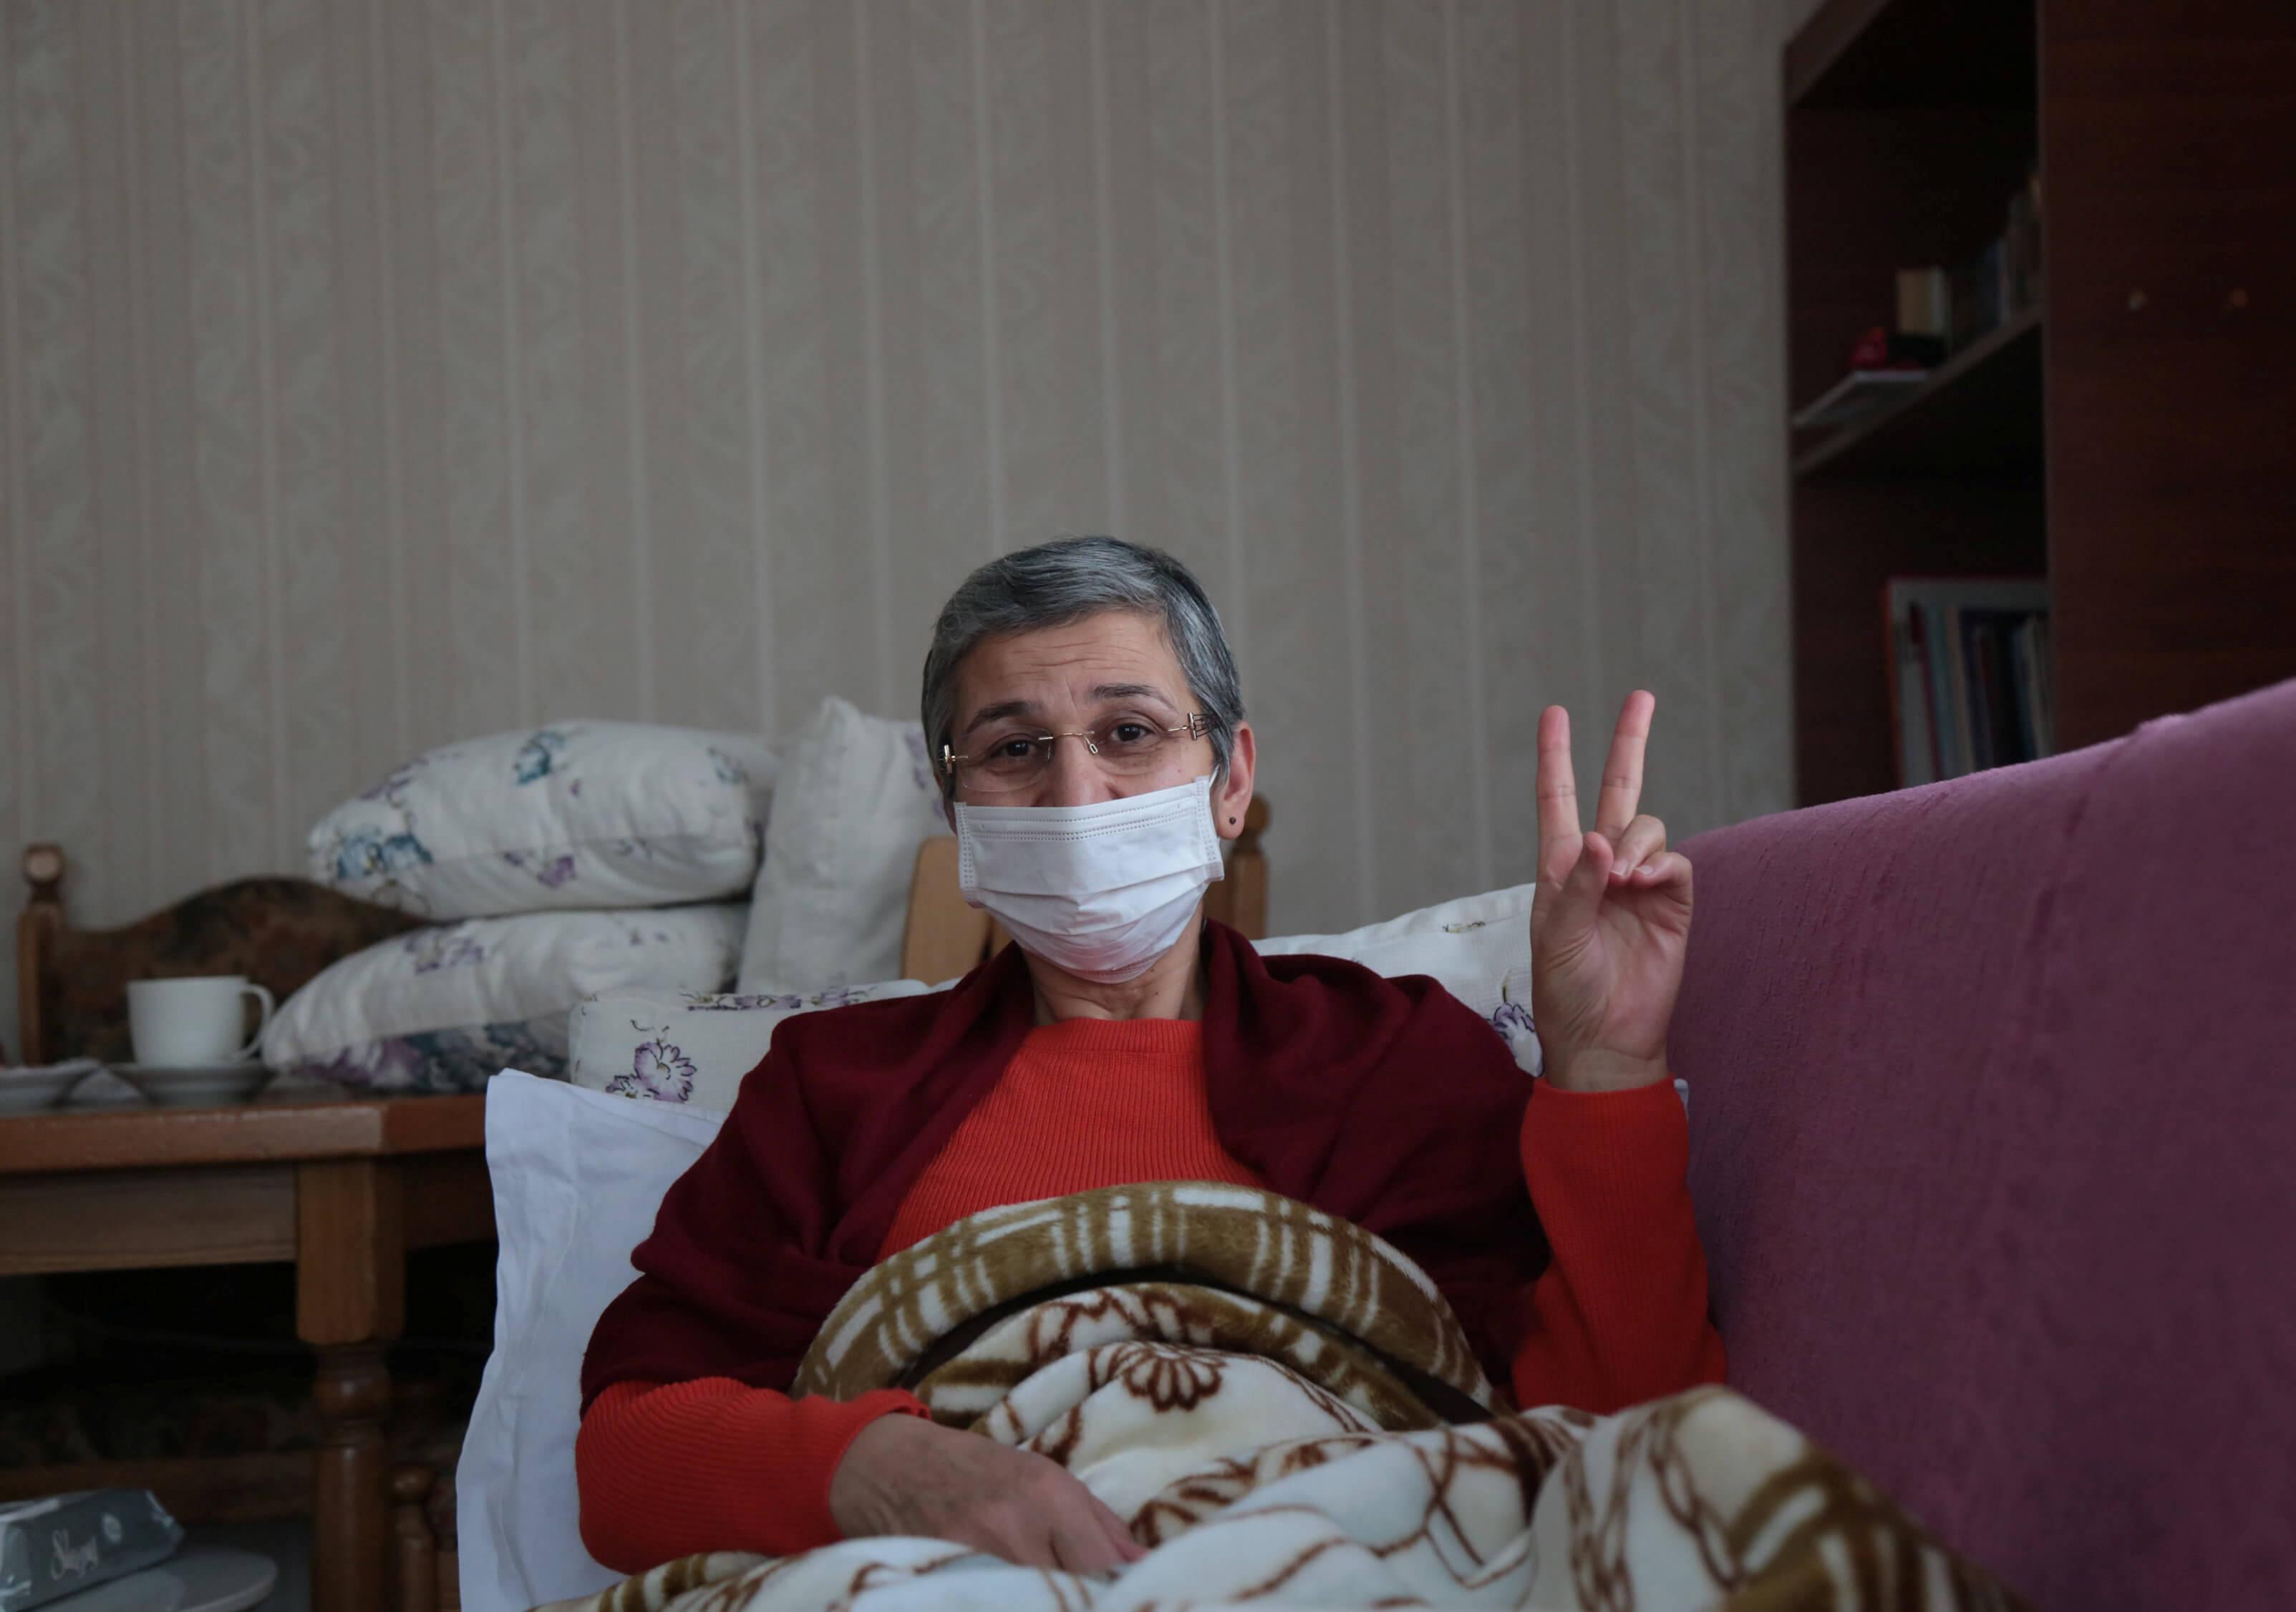 Τουρκία: Κάθειρξη 22 ετών για τρομοκρατία στην πρώην Κούρδισσα βουλευτή Λεϊλά Γκιουβέν